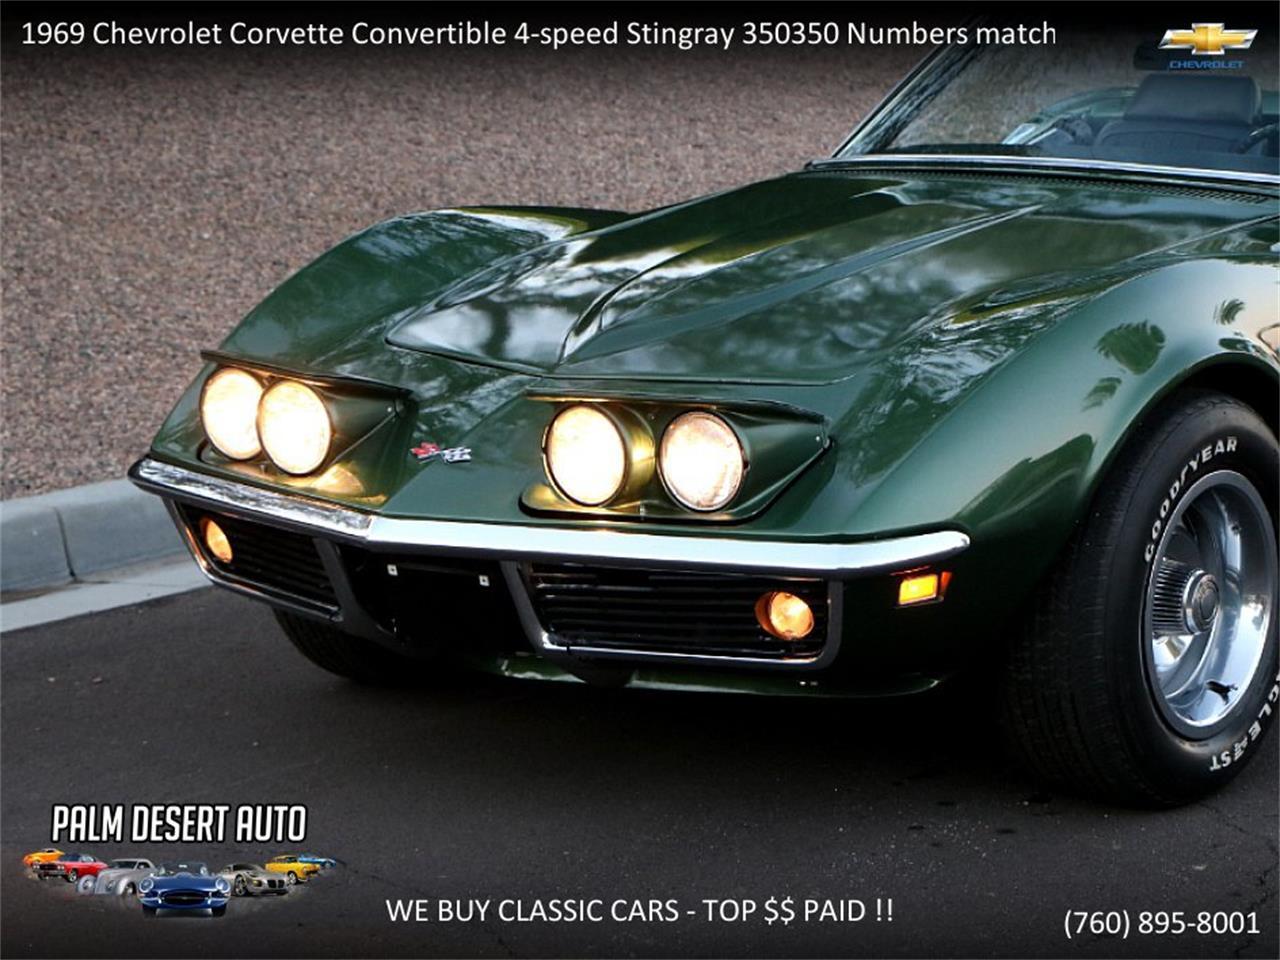 1969 Chevrolet Corvette Stingray For Sale In Palm Desert